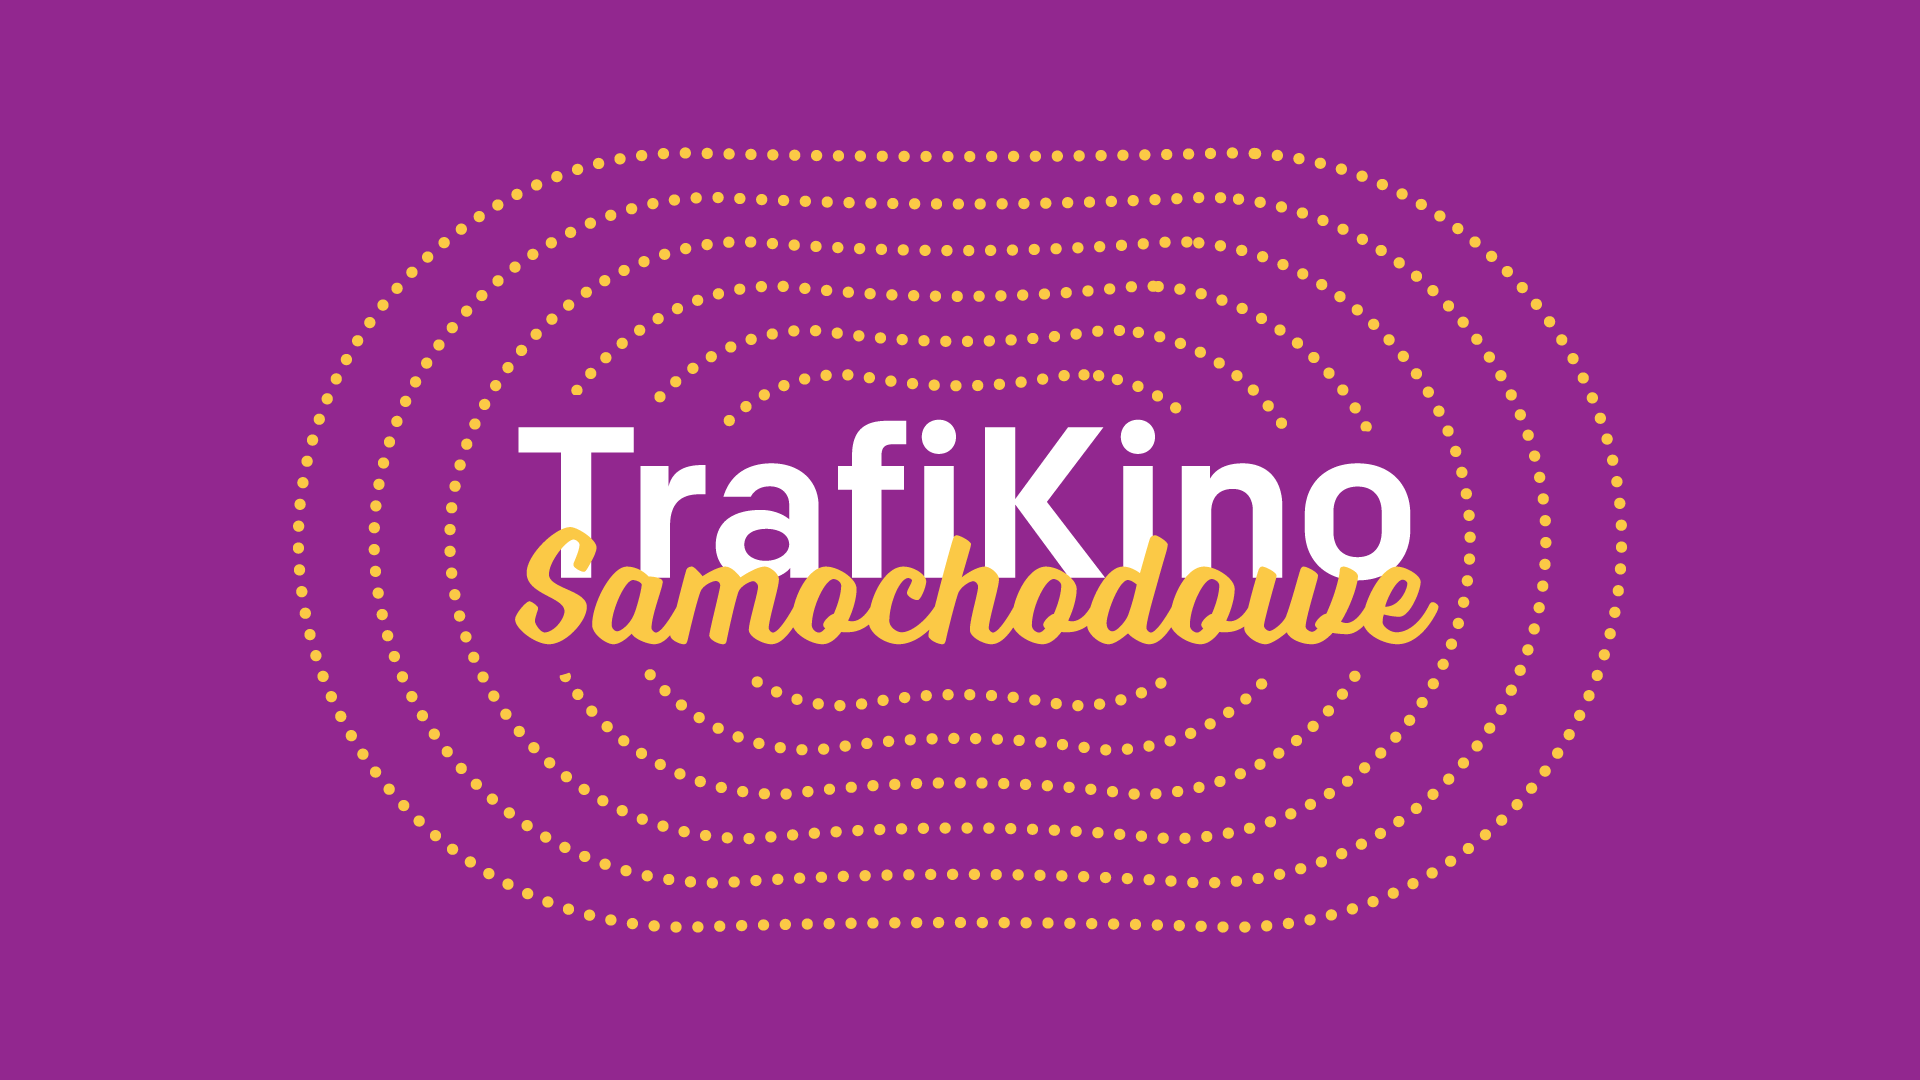 TrafiKino – jedyne takie kino samochodowe w Warszawie